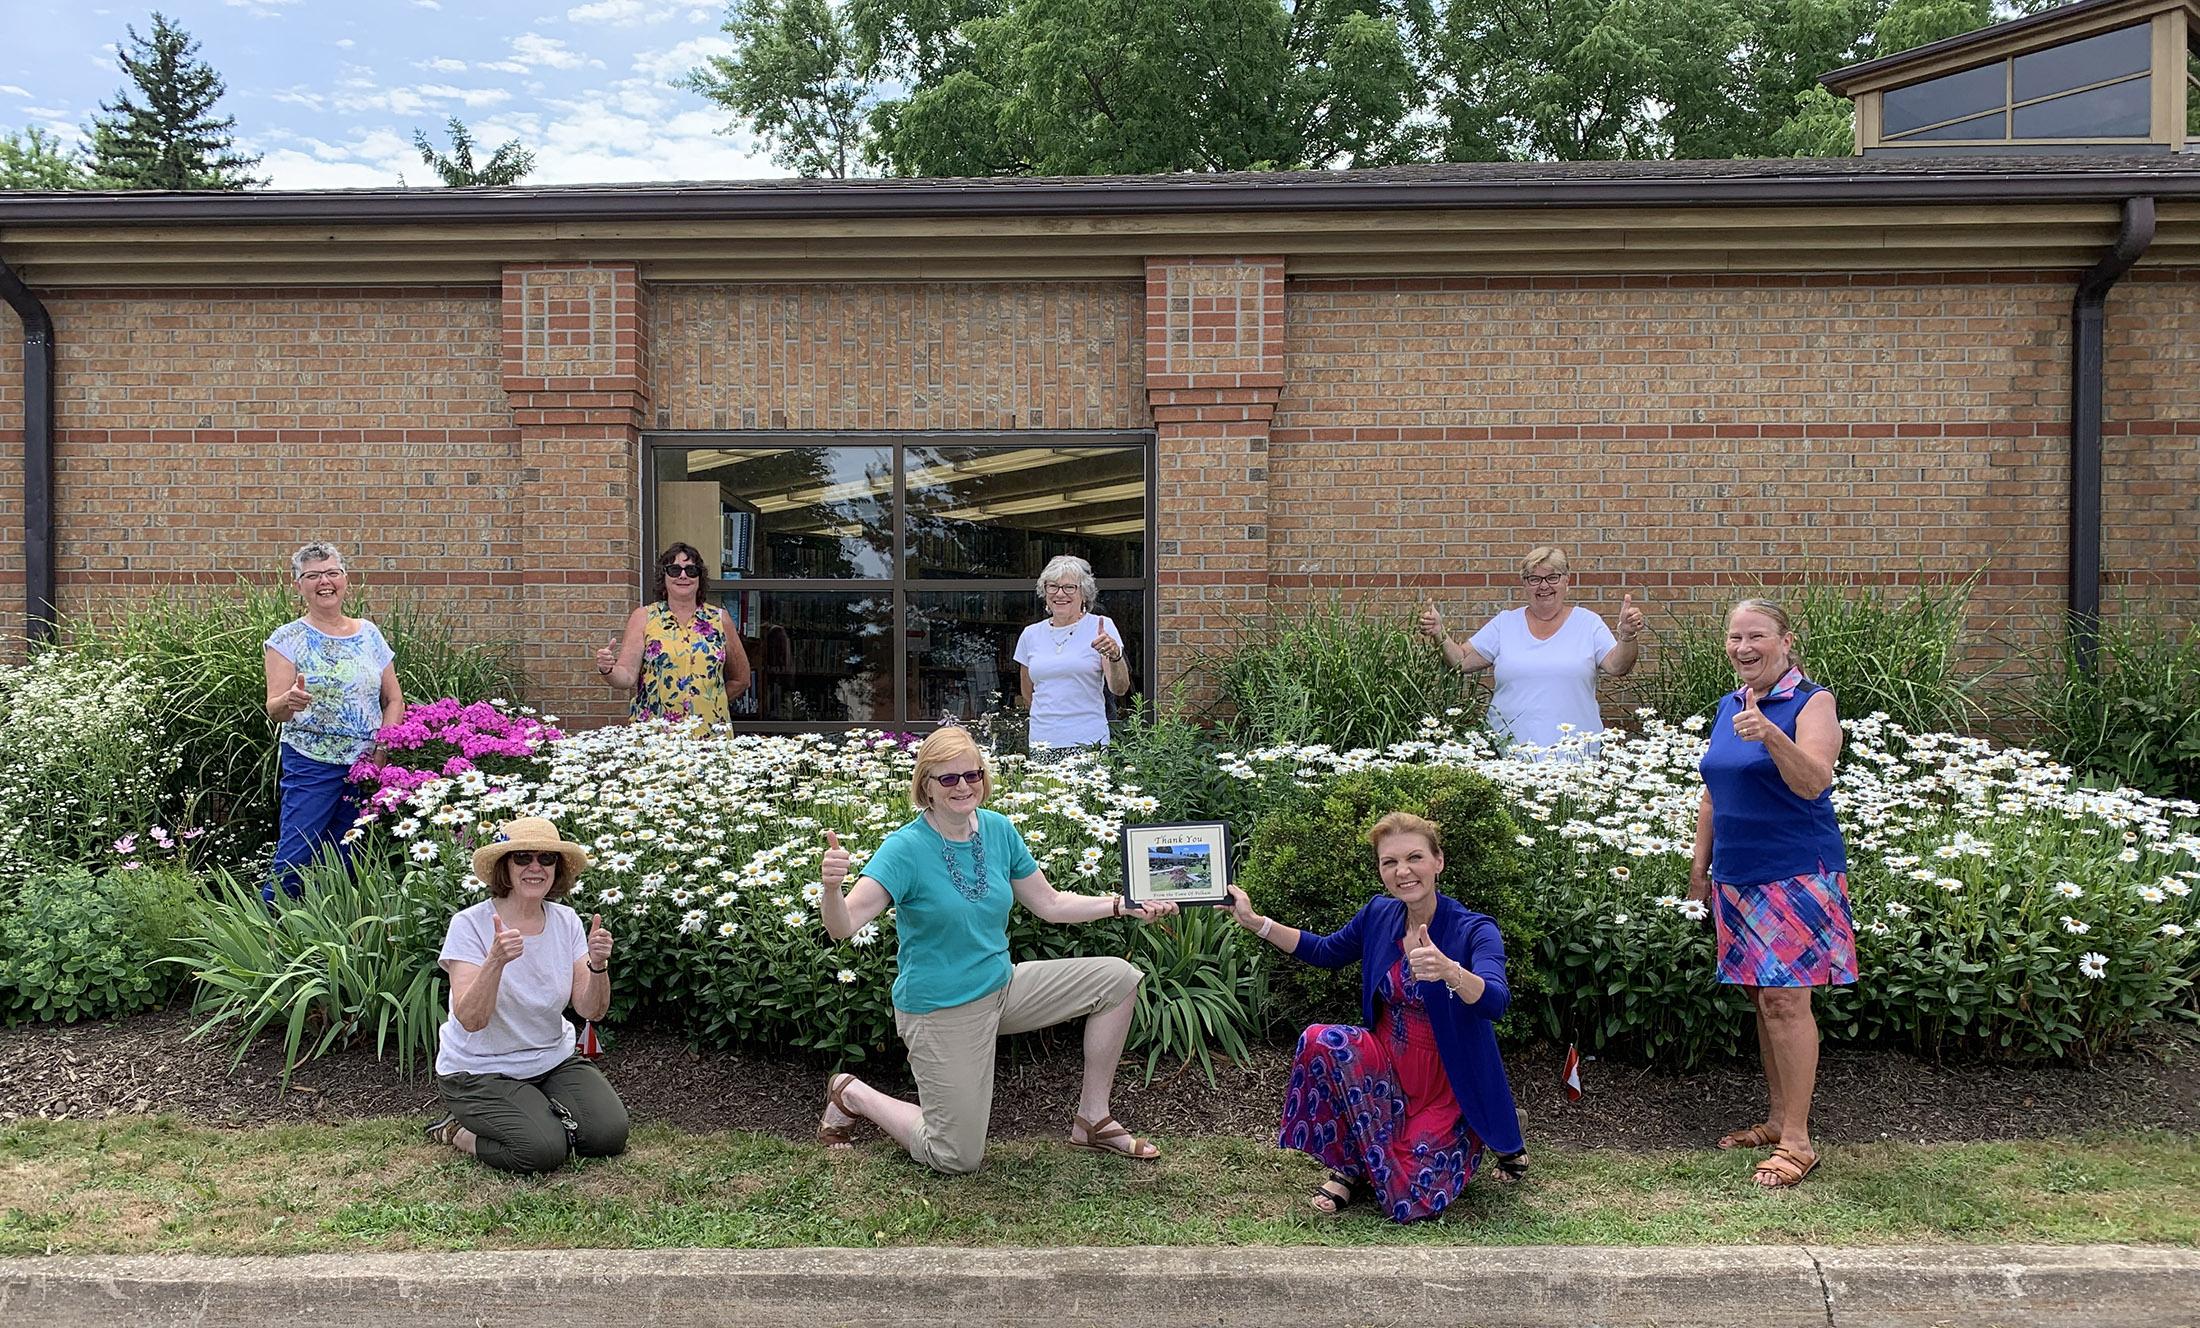 garden club members posing in garden